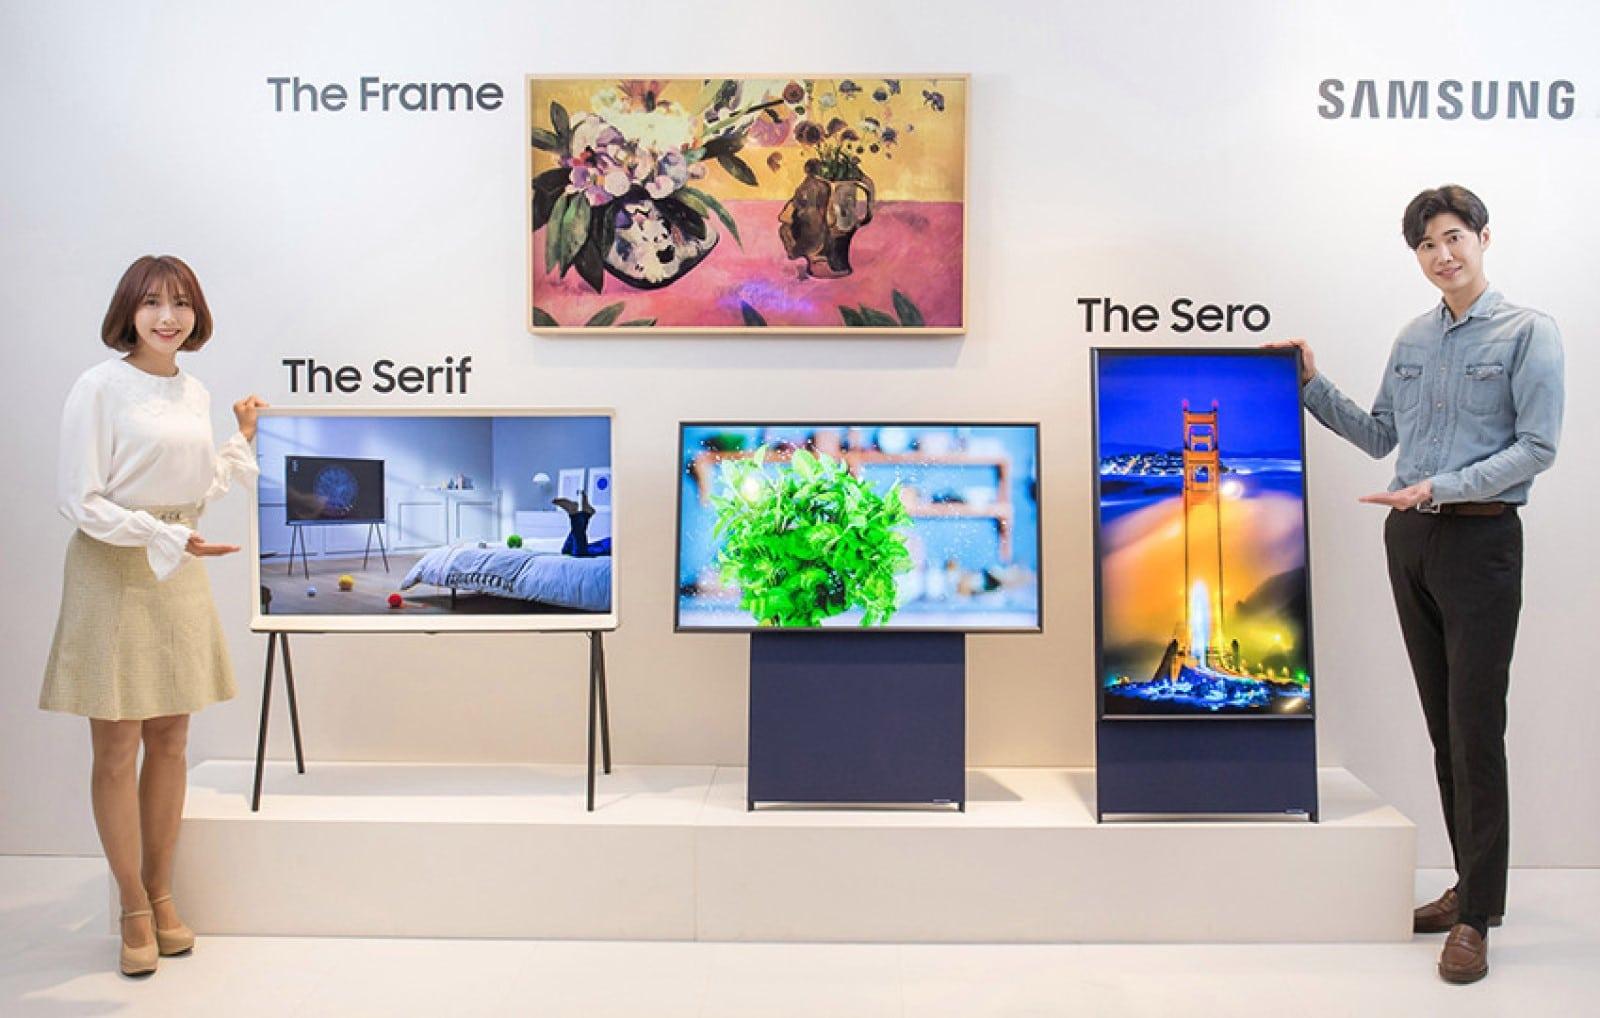 samsung sero portrait mode tv